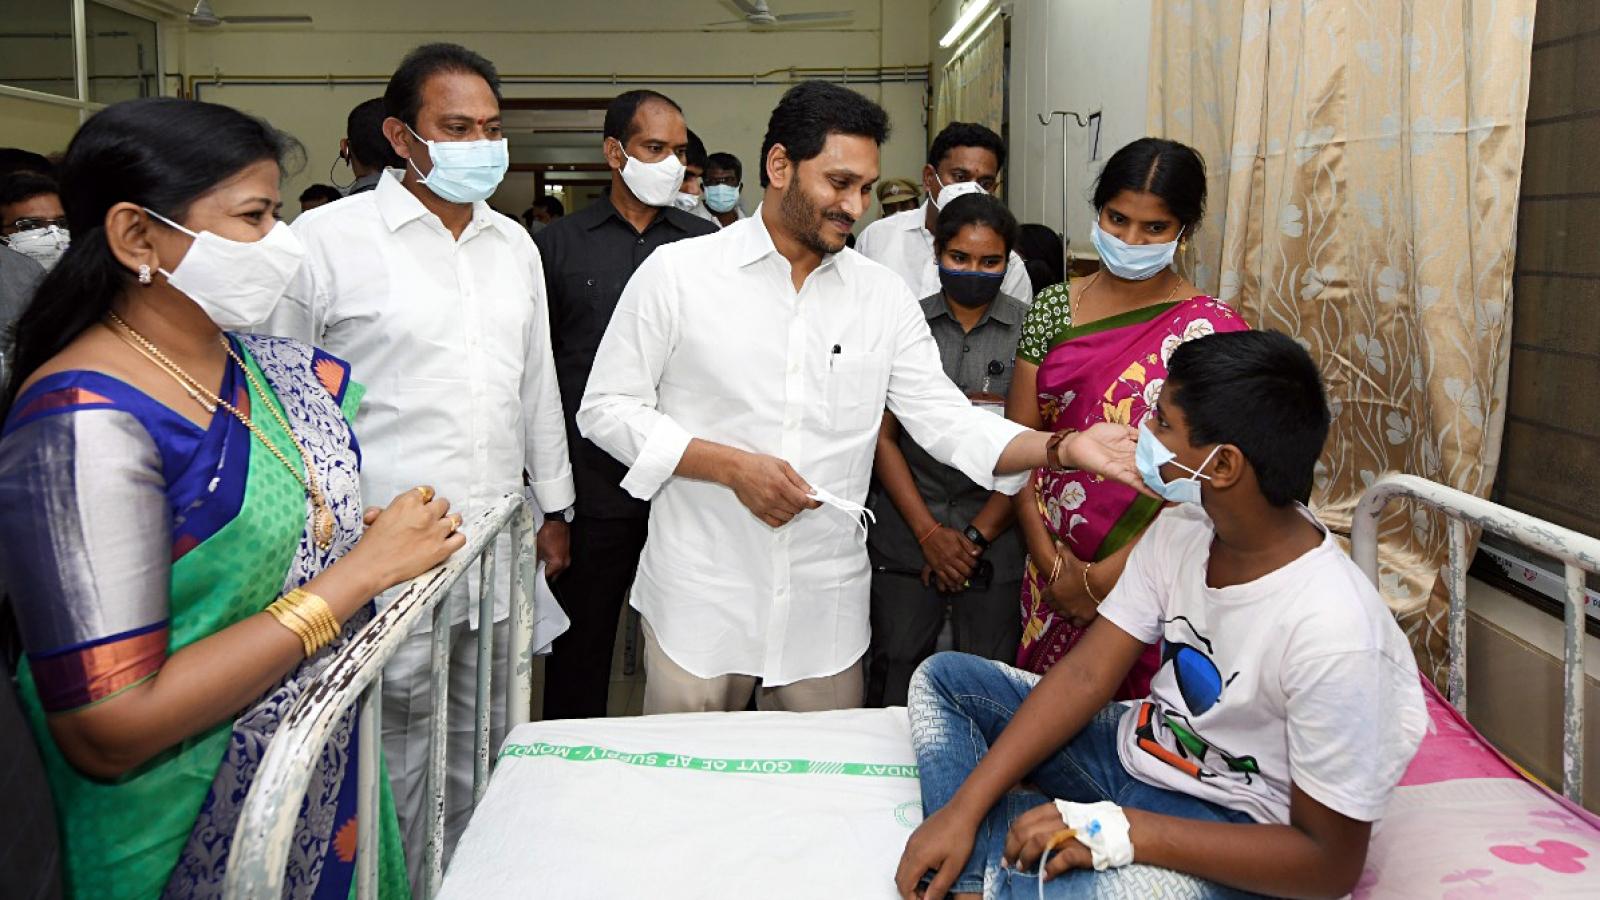 Chất tẩy và thuốc sát trùng có thể là thủ phạm gây 'bệnh lạ' tại Ấn Độ